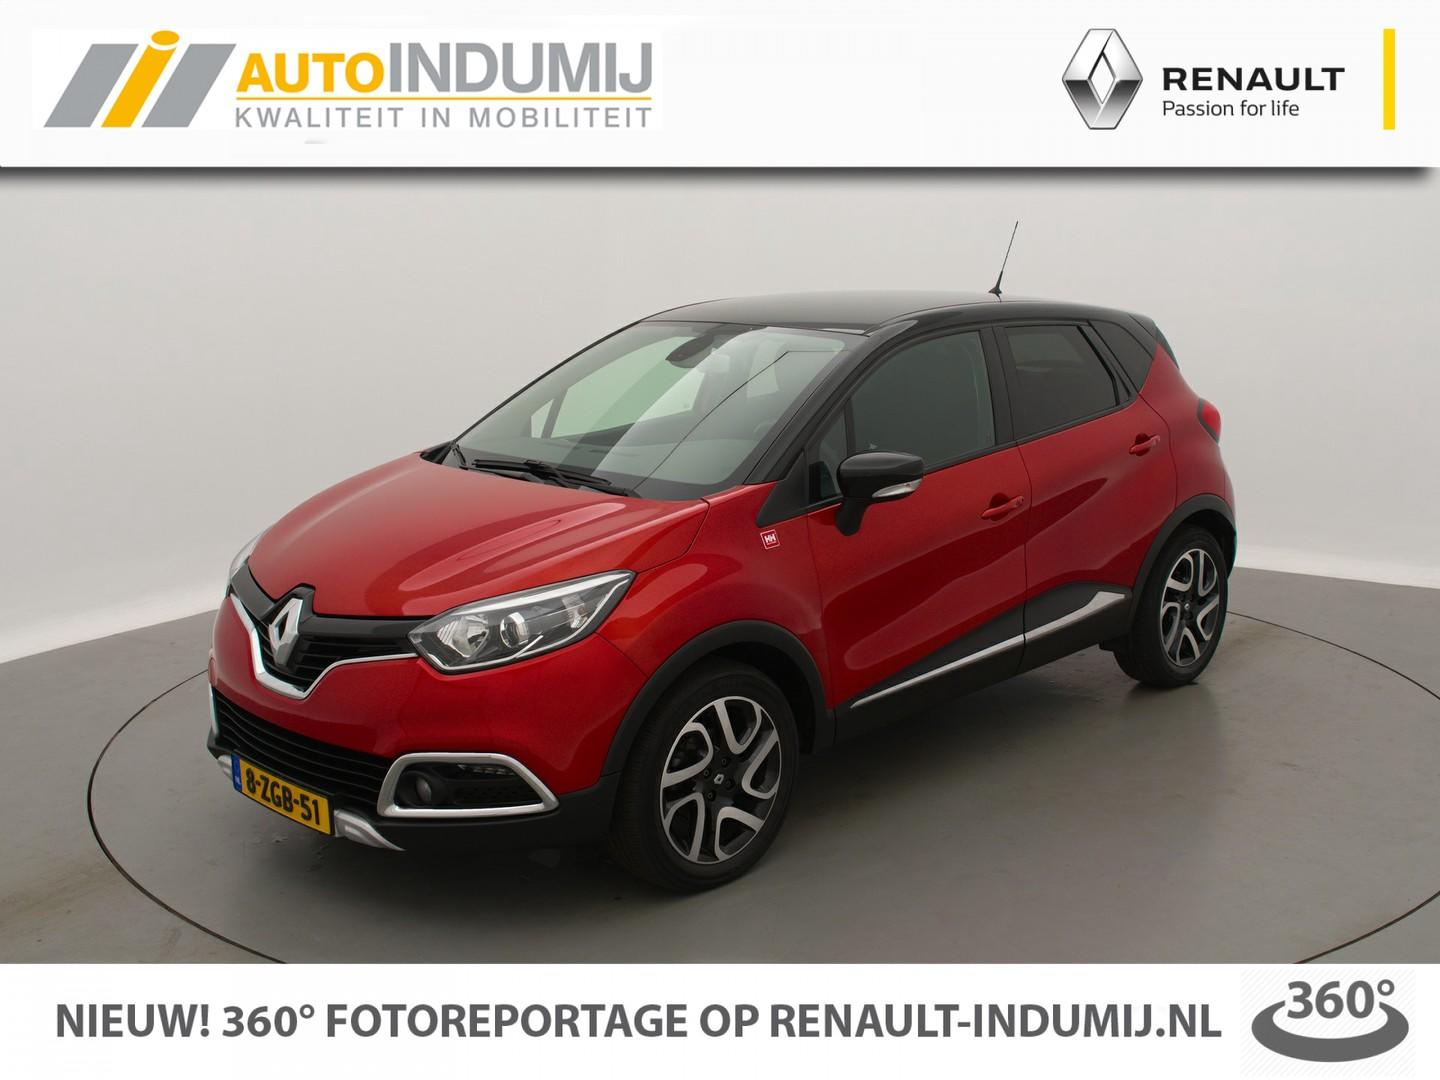 Renault Captur Tce 90 helly hansen / extra scherp voordeel! / speciale uitvoering! // camera / navi / cruise control